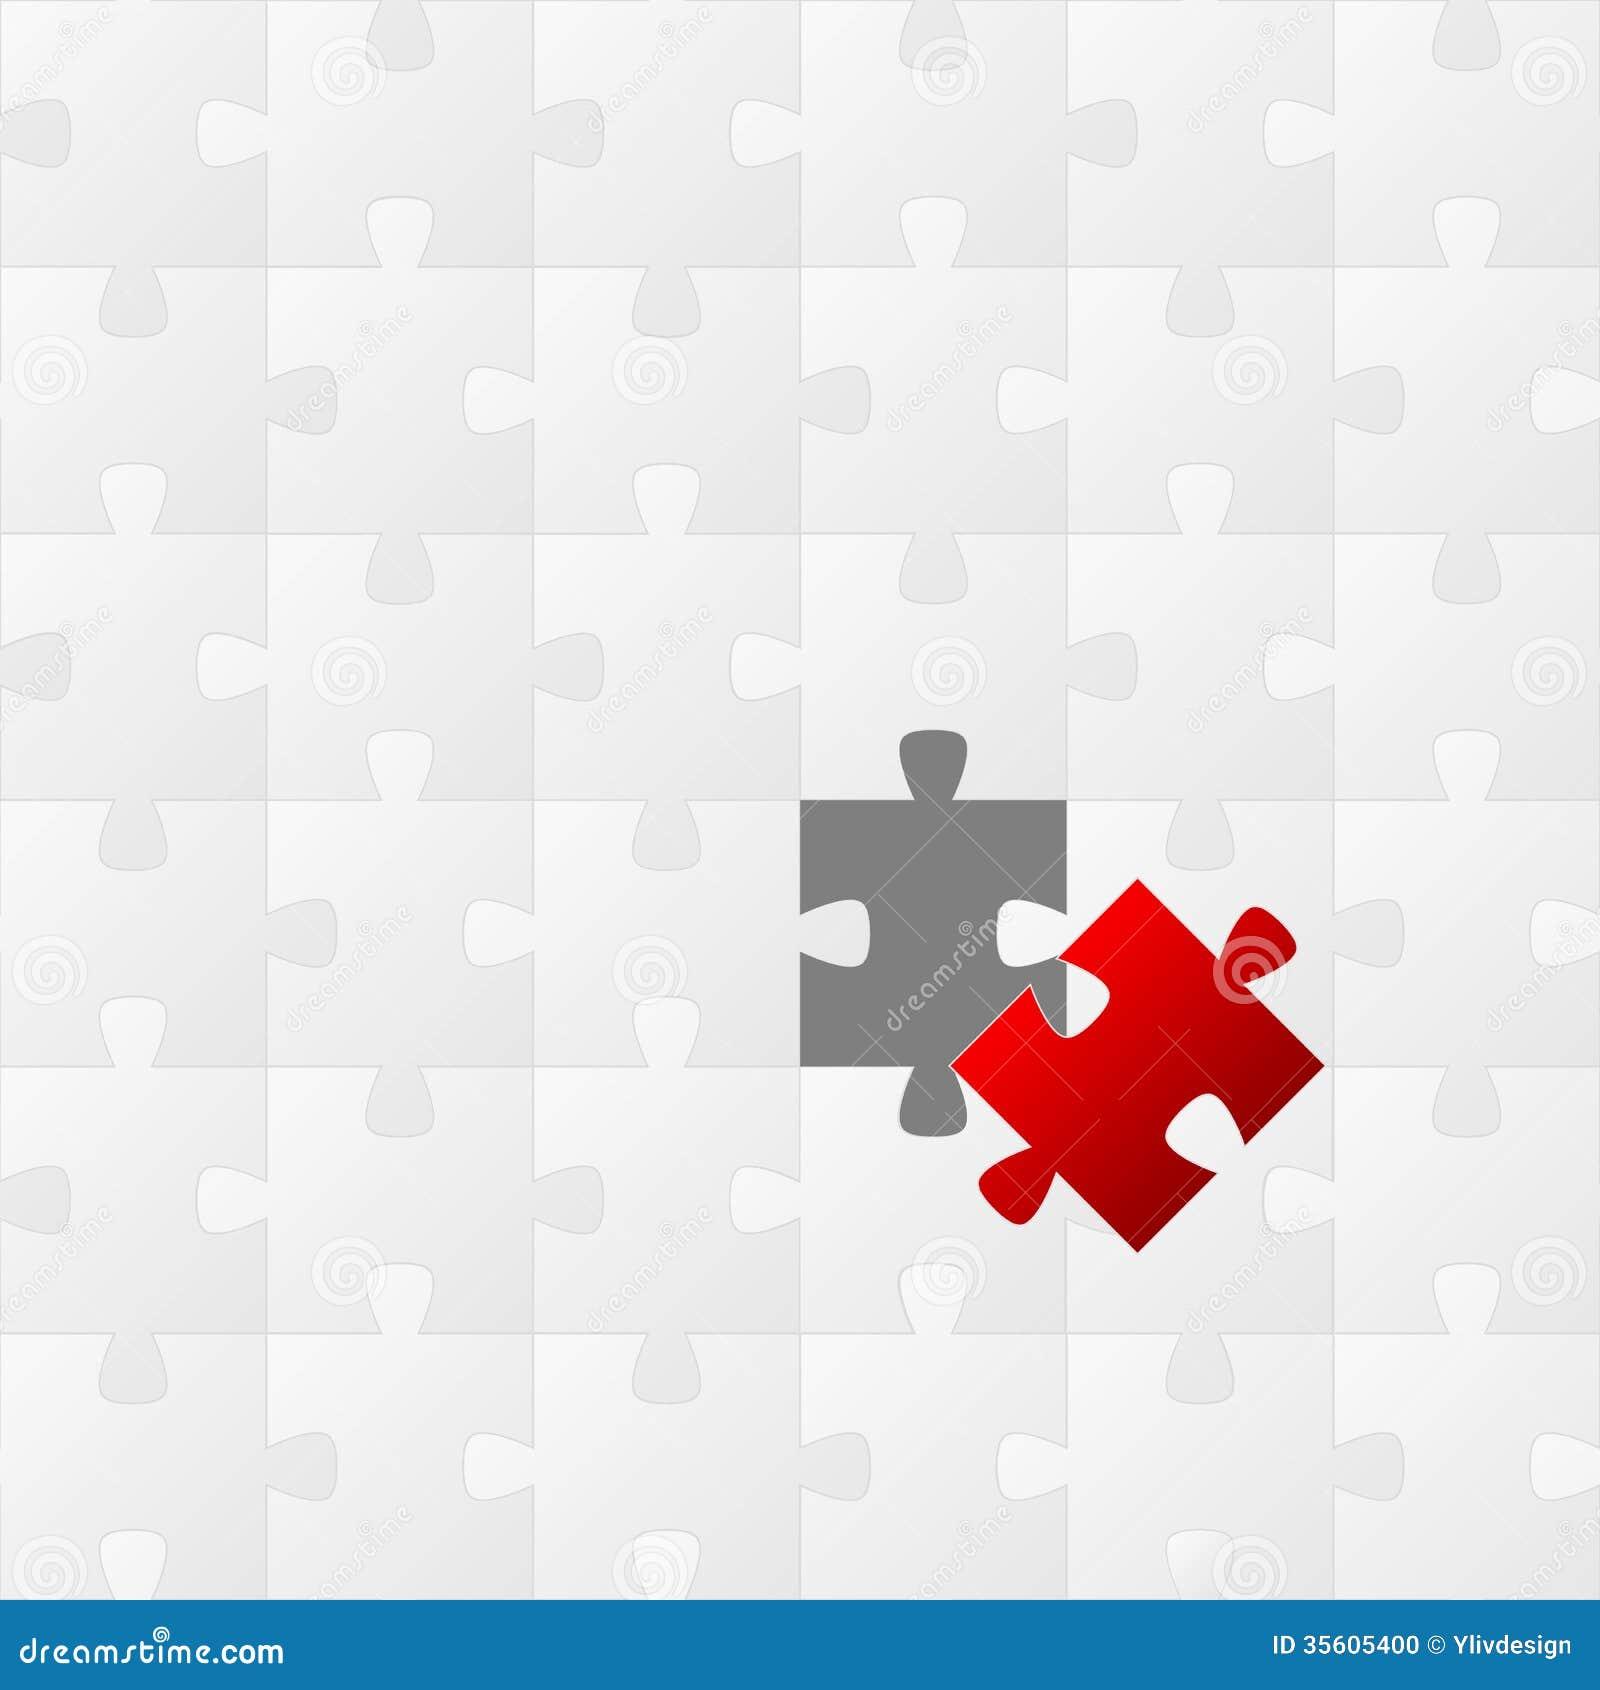 Puzzle Background Stock Photo - Image: 35605400